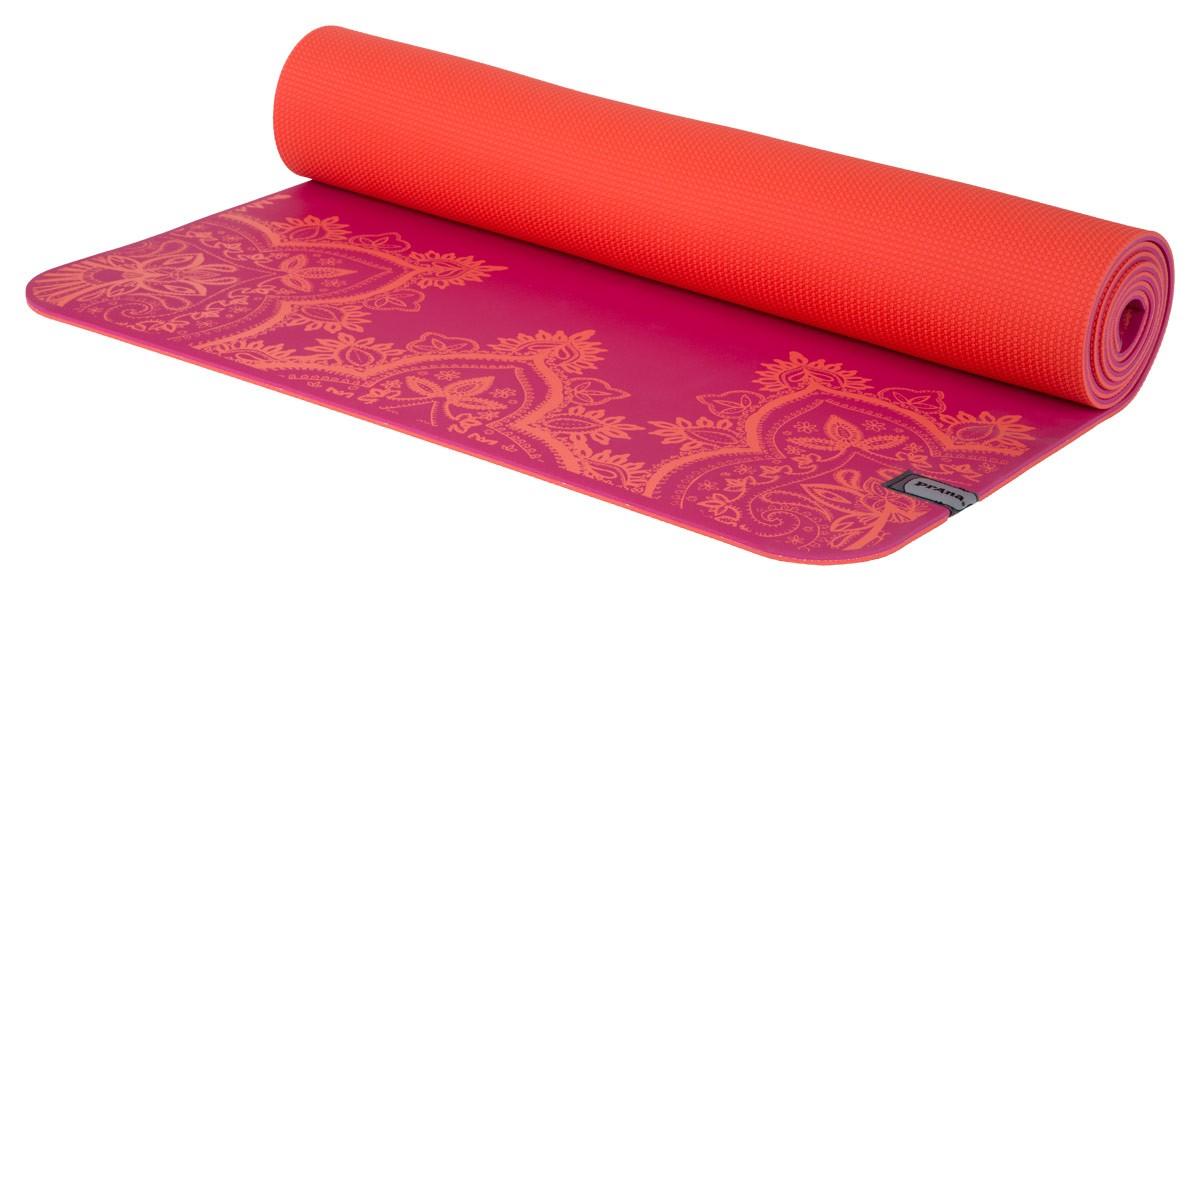 Yoga Mat prAna E.C.O